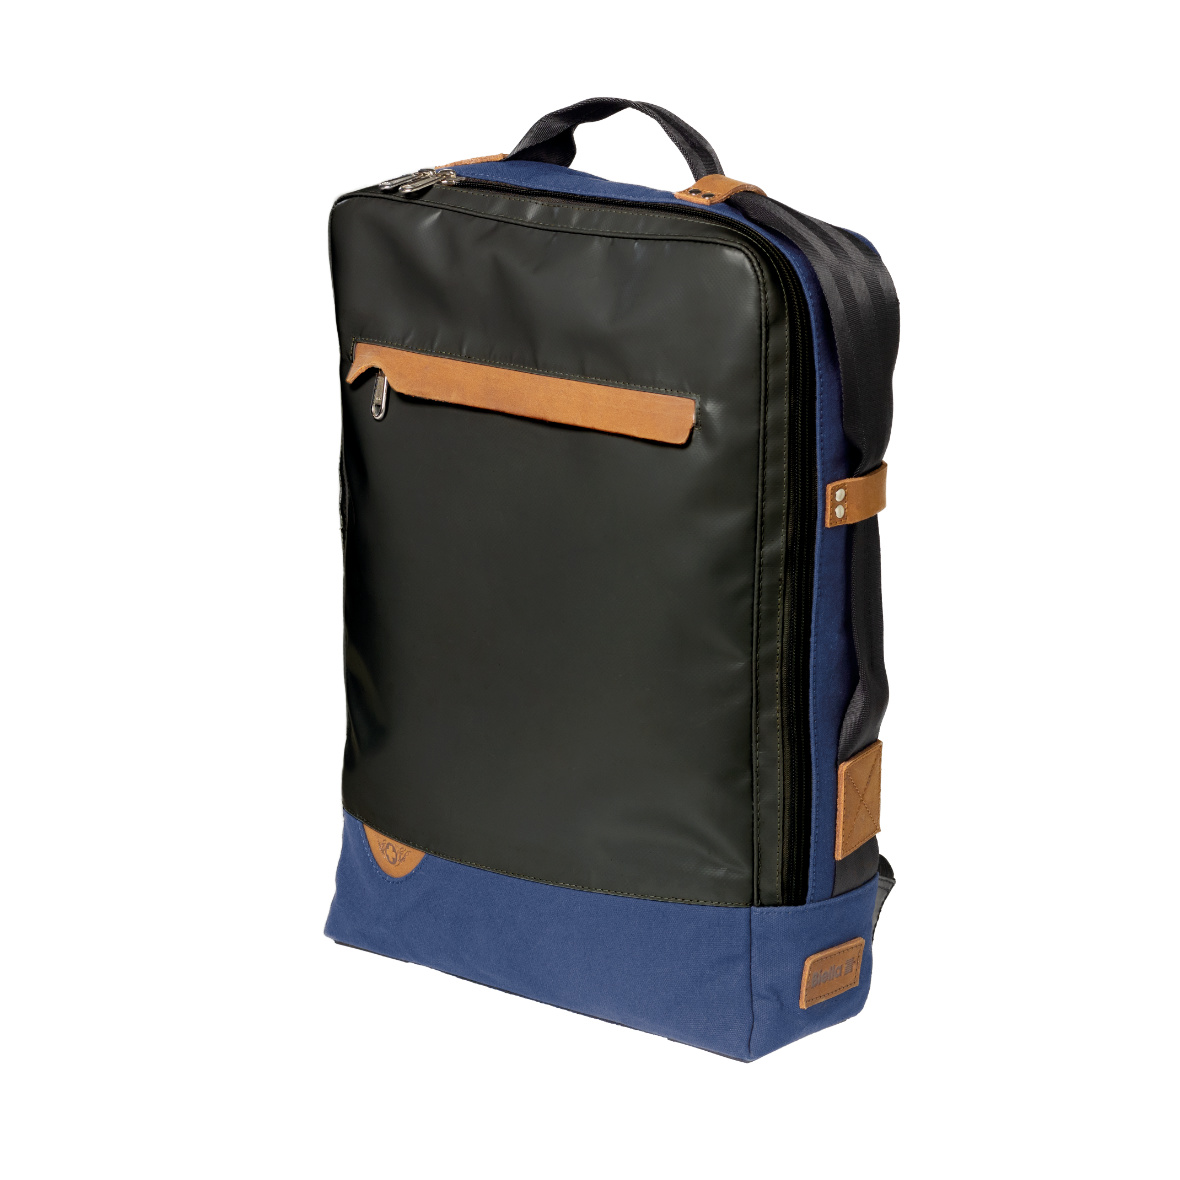 Rucksack der Collection Bundesordner von Biella, schwarz